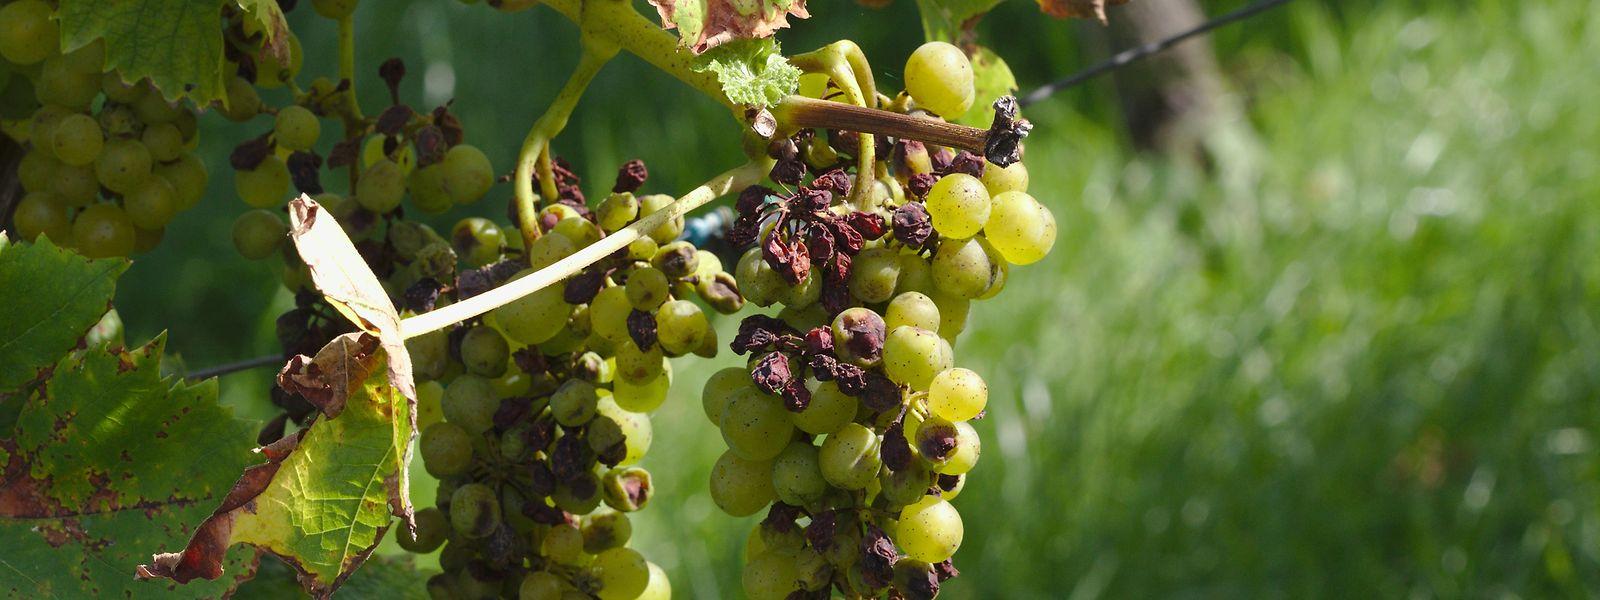 Les quelques raisins impactés par des maladies fongiques ou les grappes frappées par le mildiou ne sont pas si nombreux pour le moment.